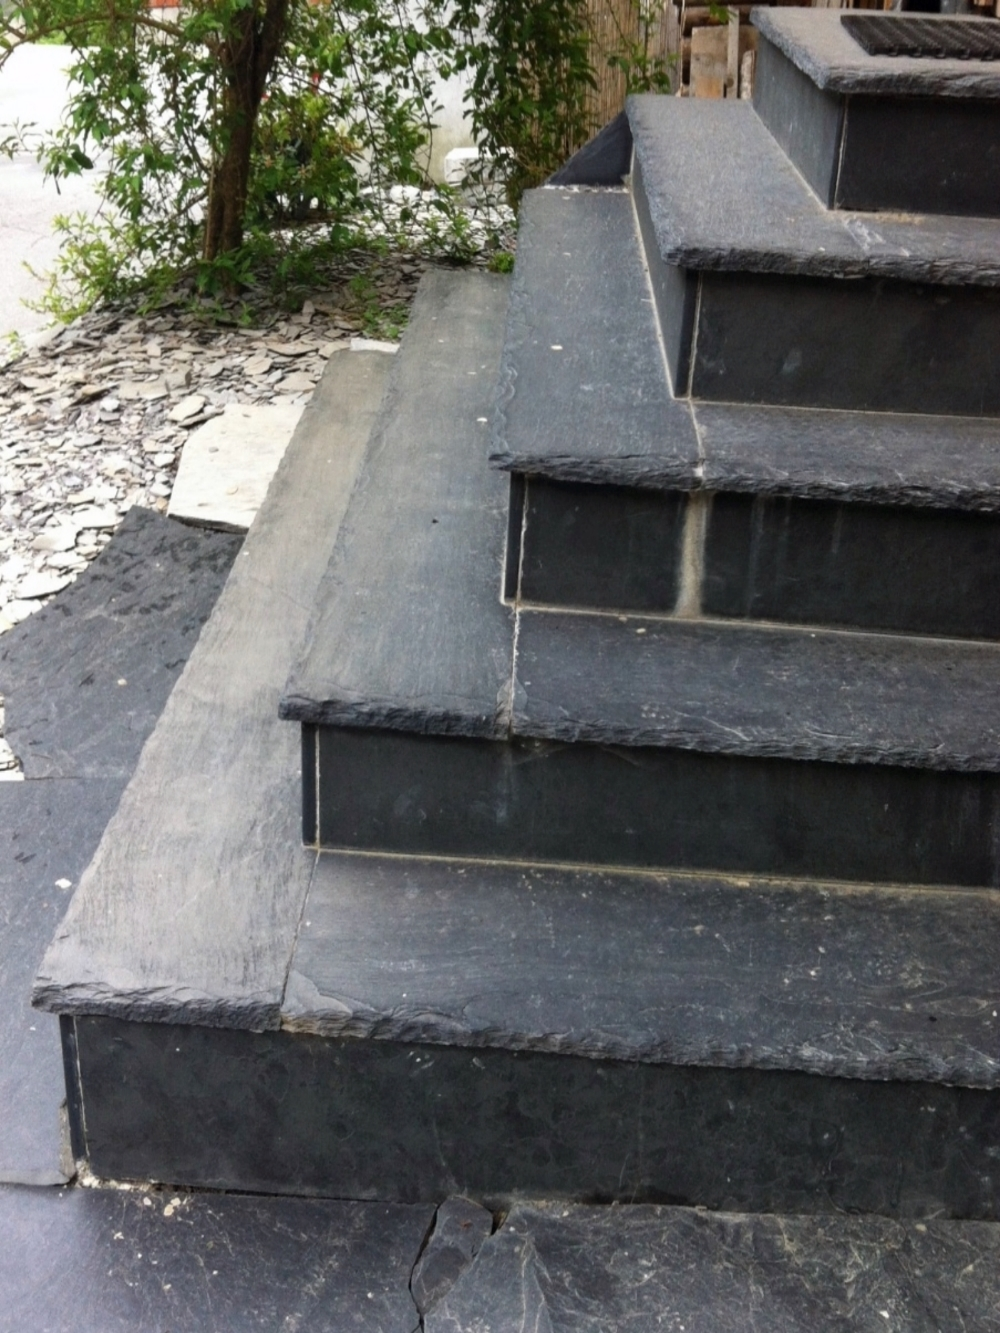 escalier u.jpg